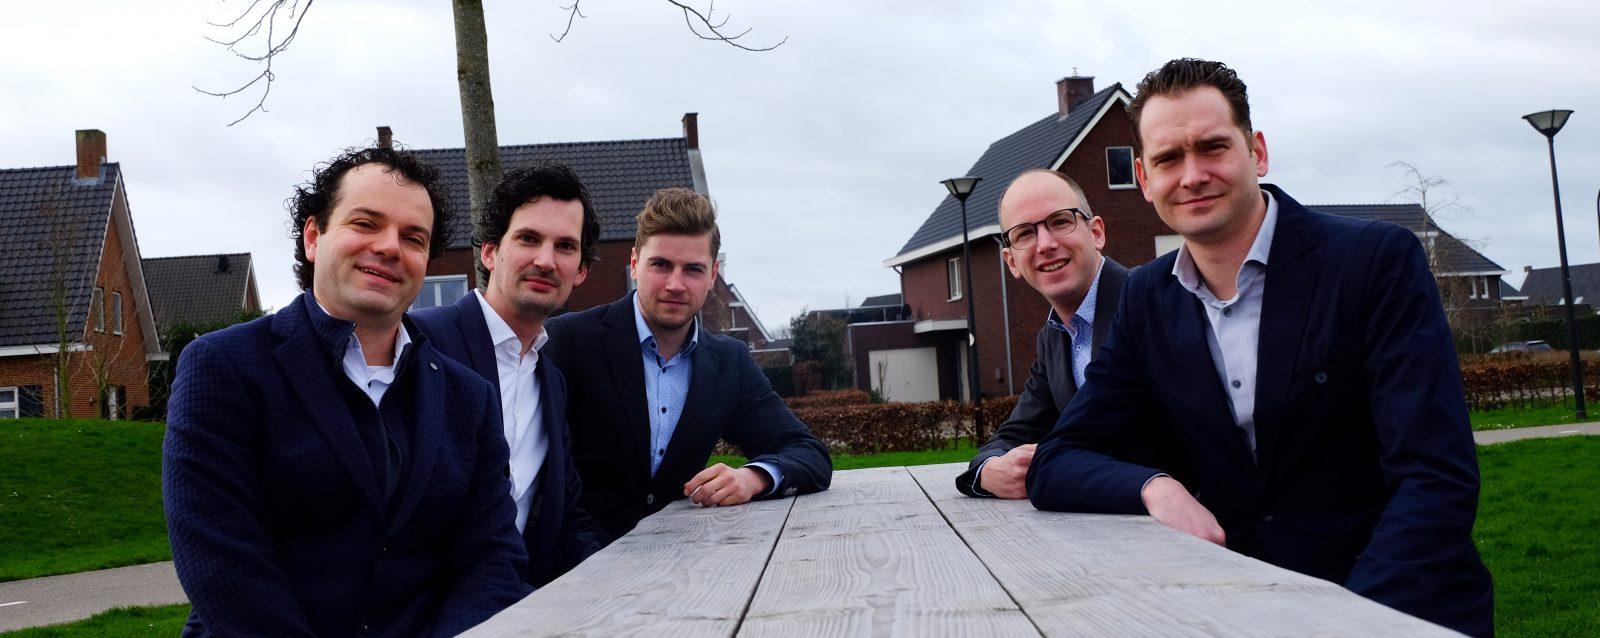 Bestuur wijkraad Laarveld-Hushoven